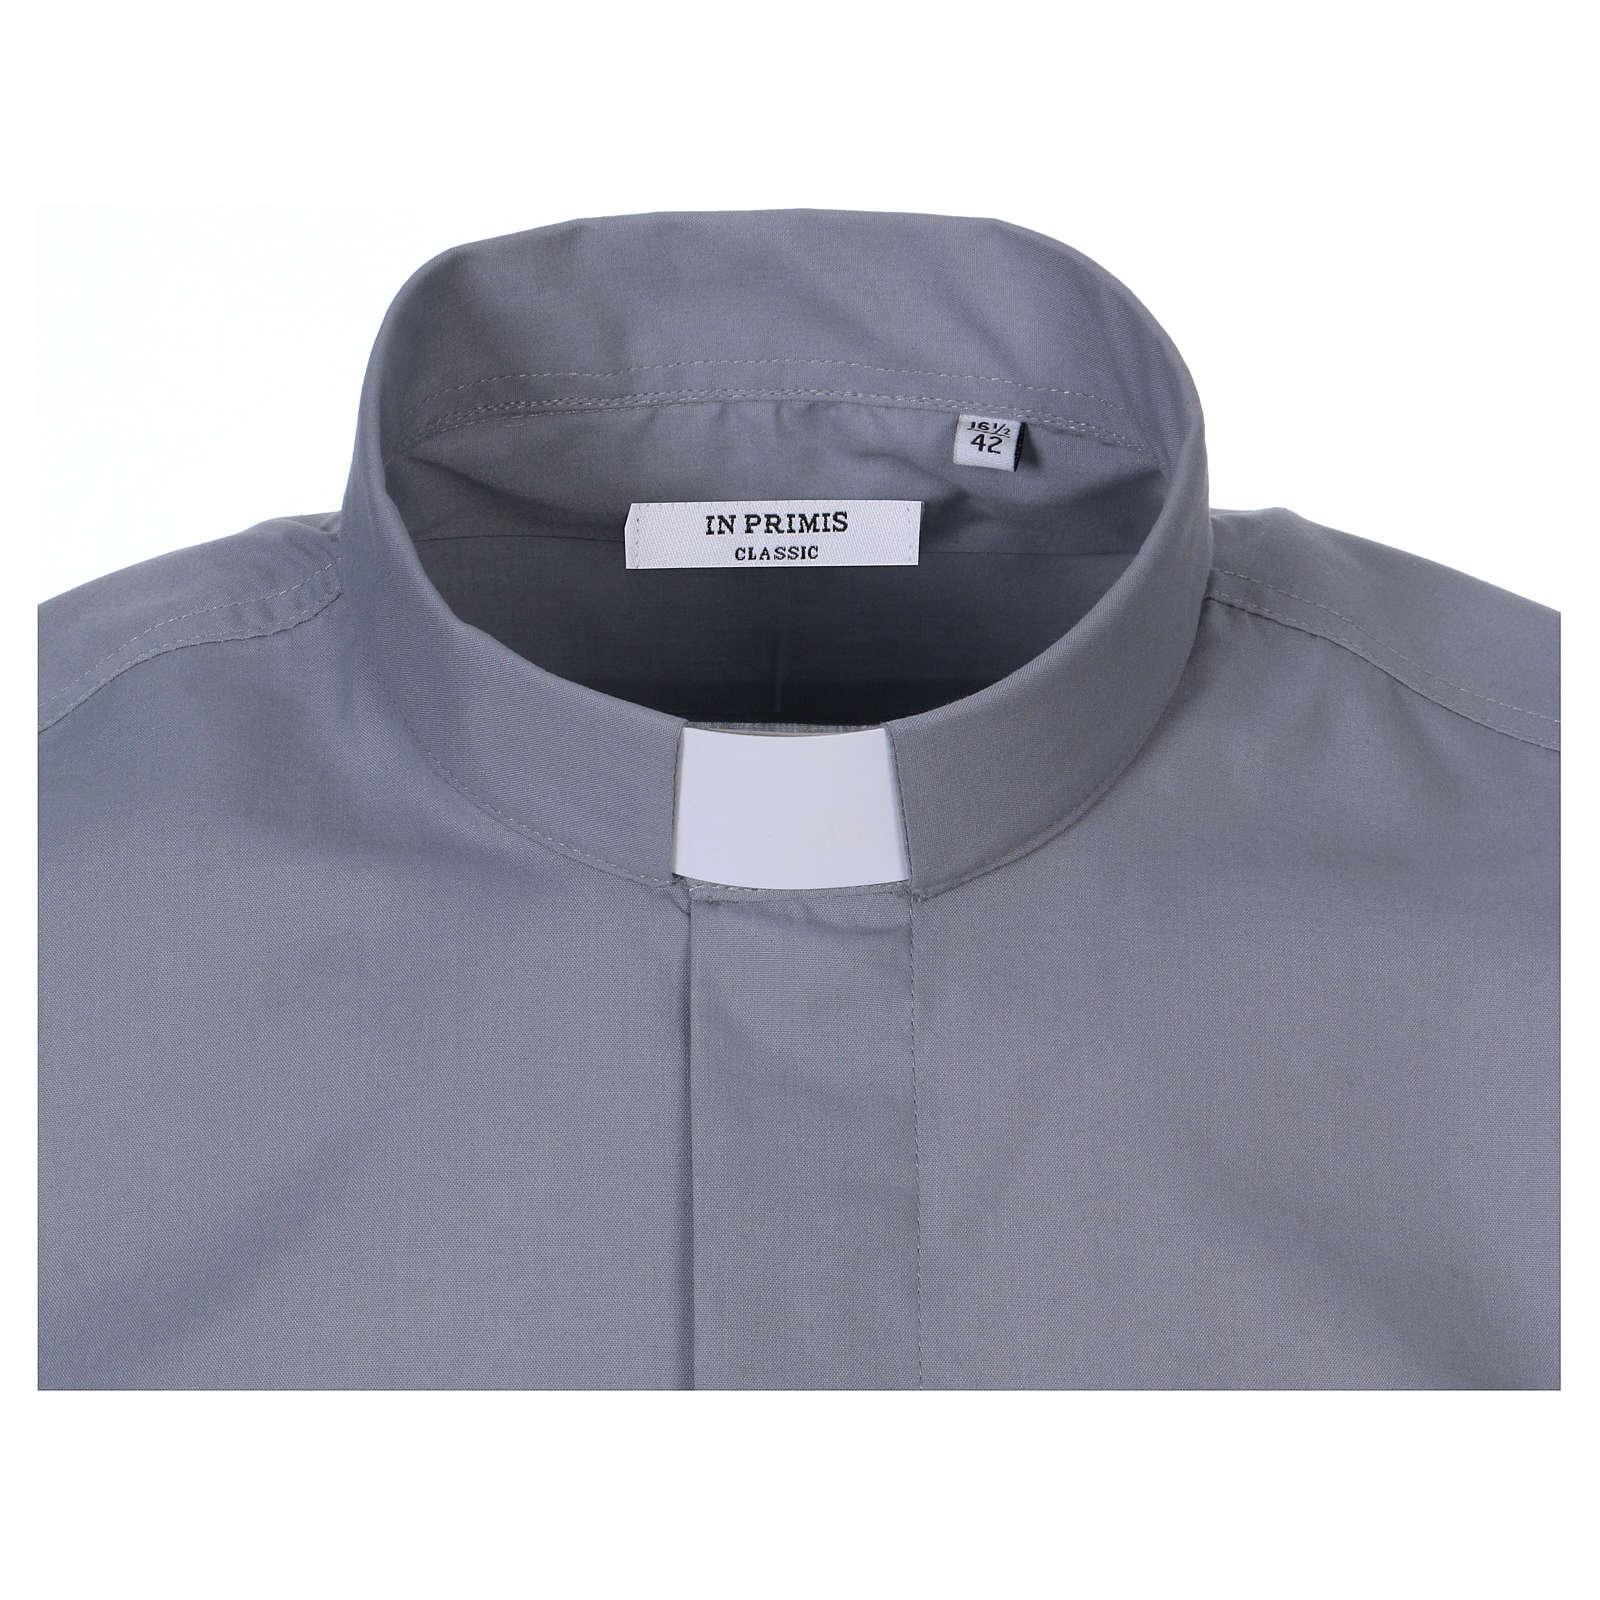 Koszula kapłańska krótki rękaw jasny szary mieszana bawełna 4